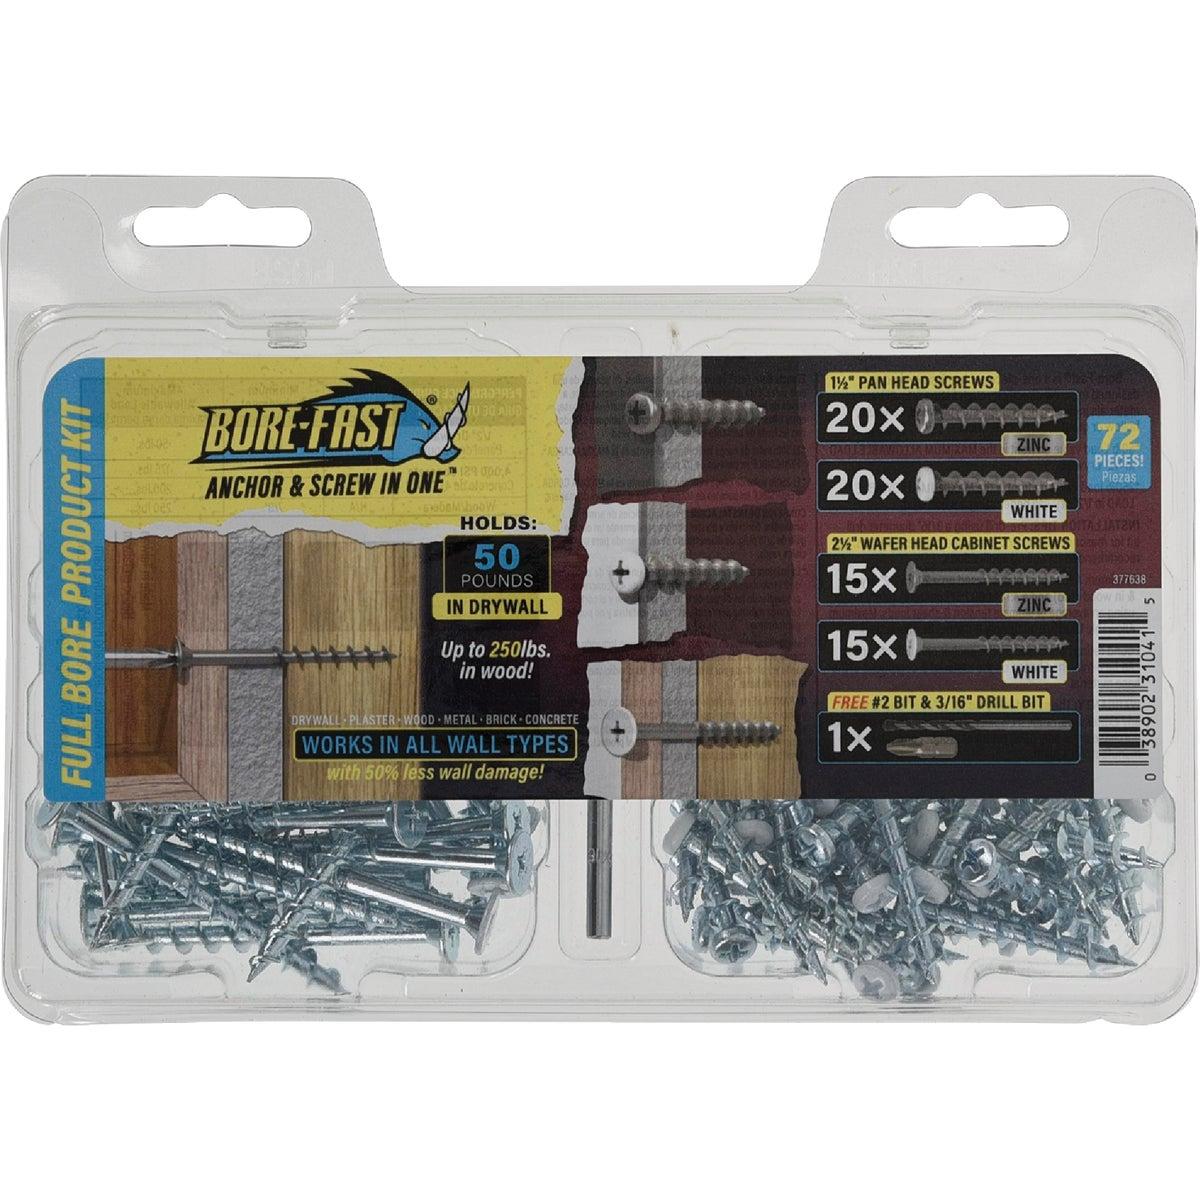 WALLDOG DRILL TOGGLE KIT - 42071 by Hillman Fastener